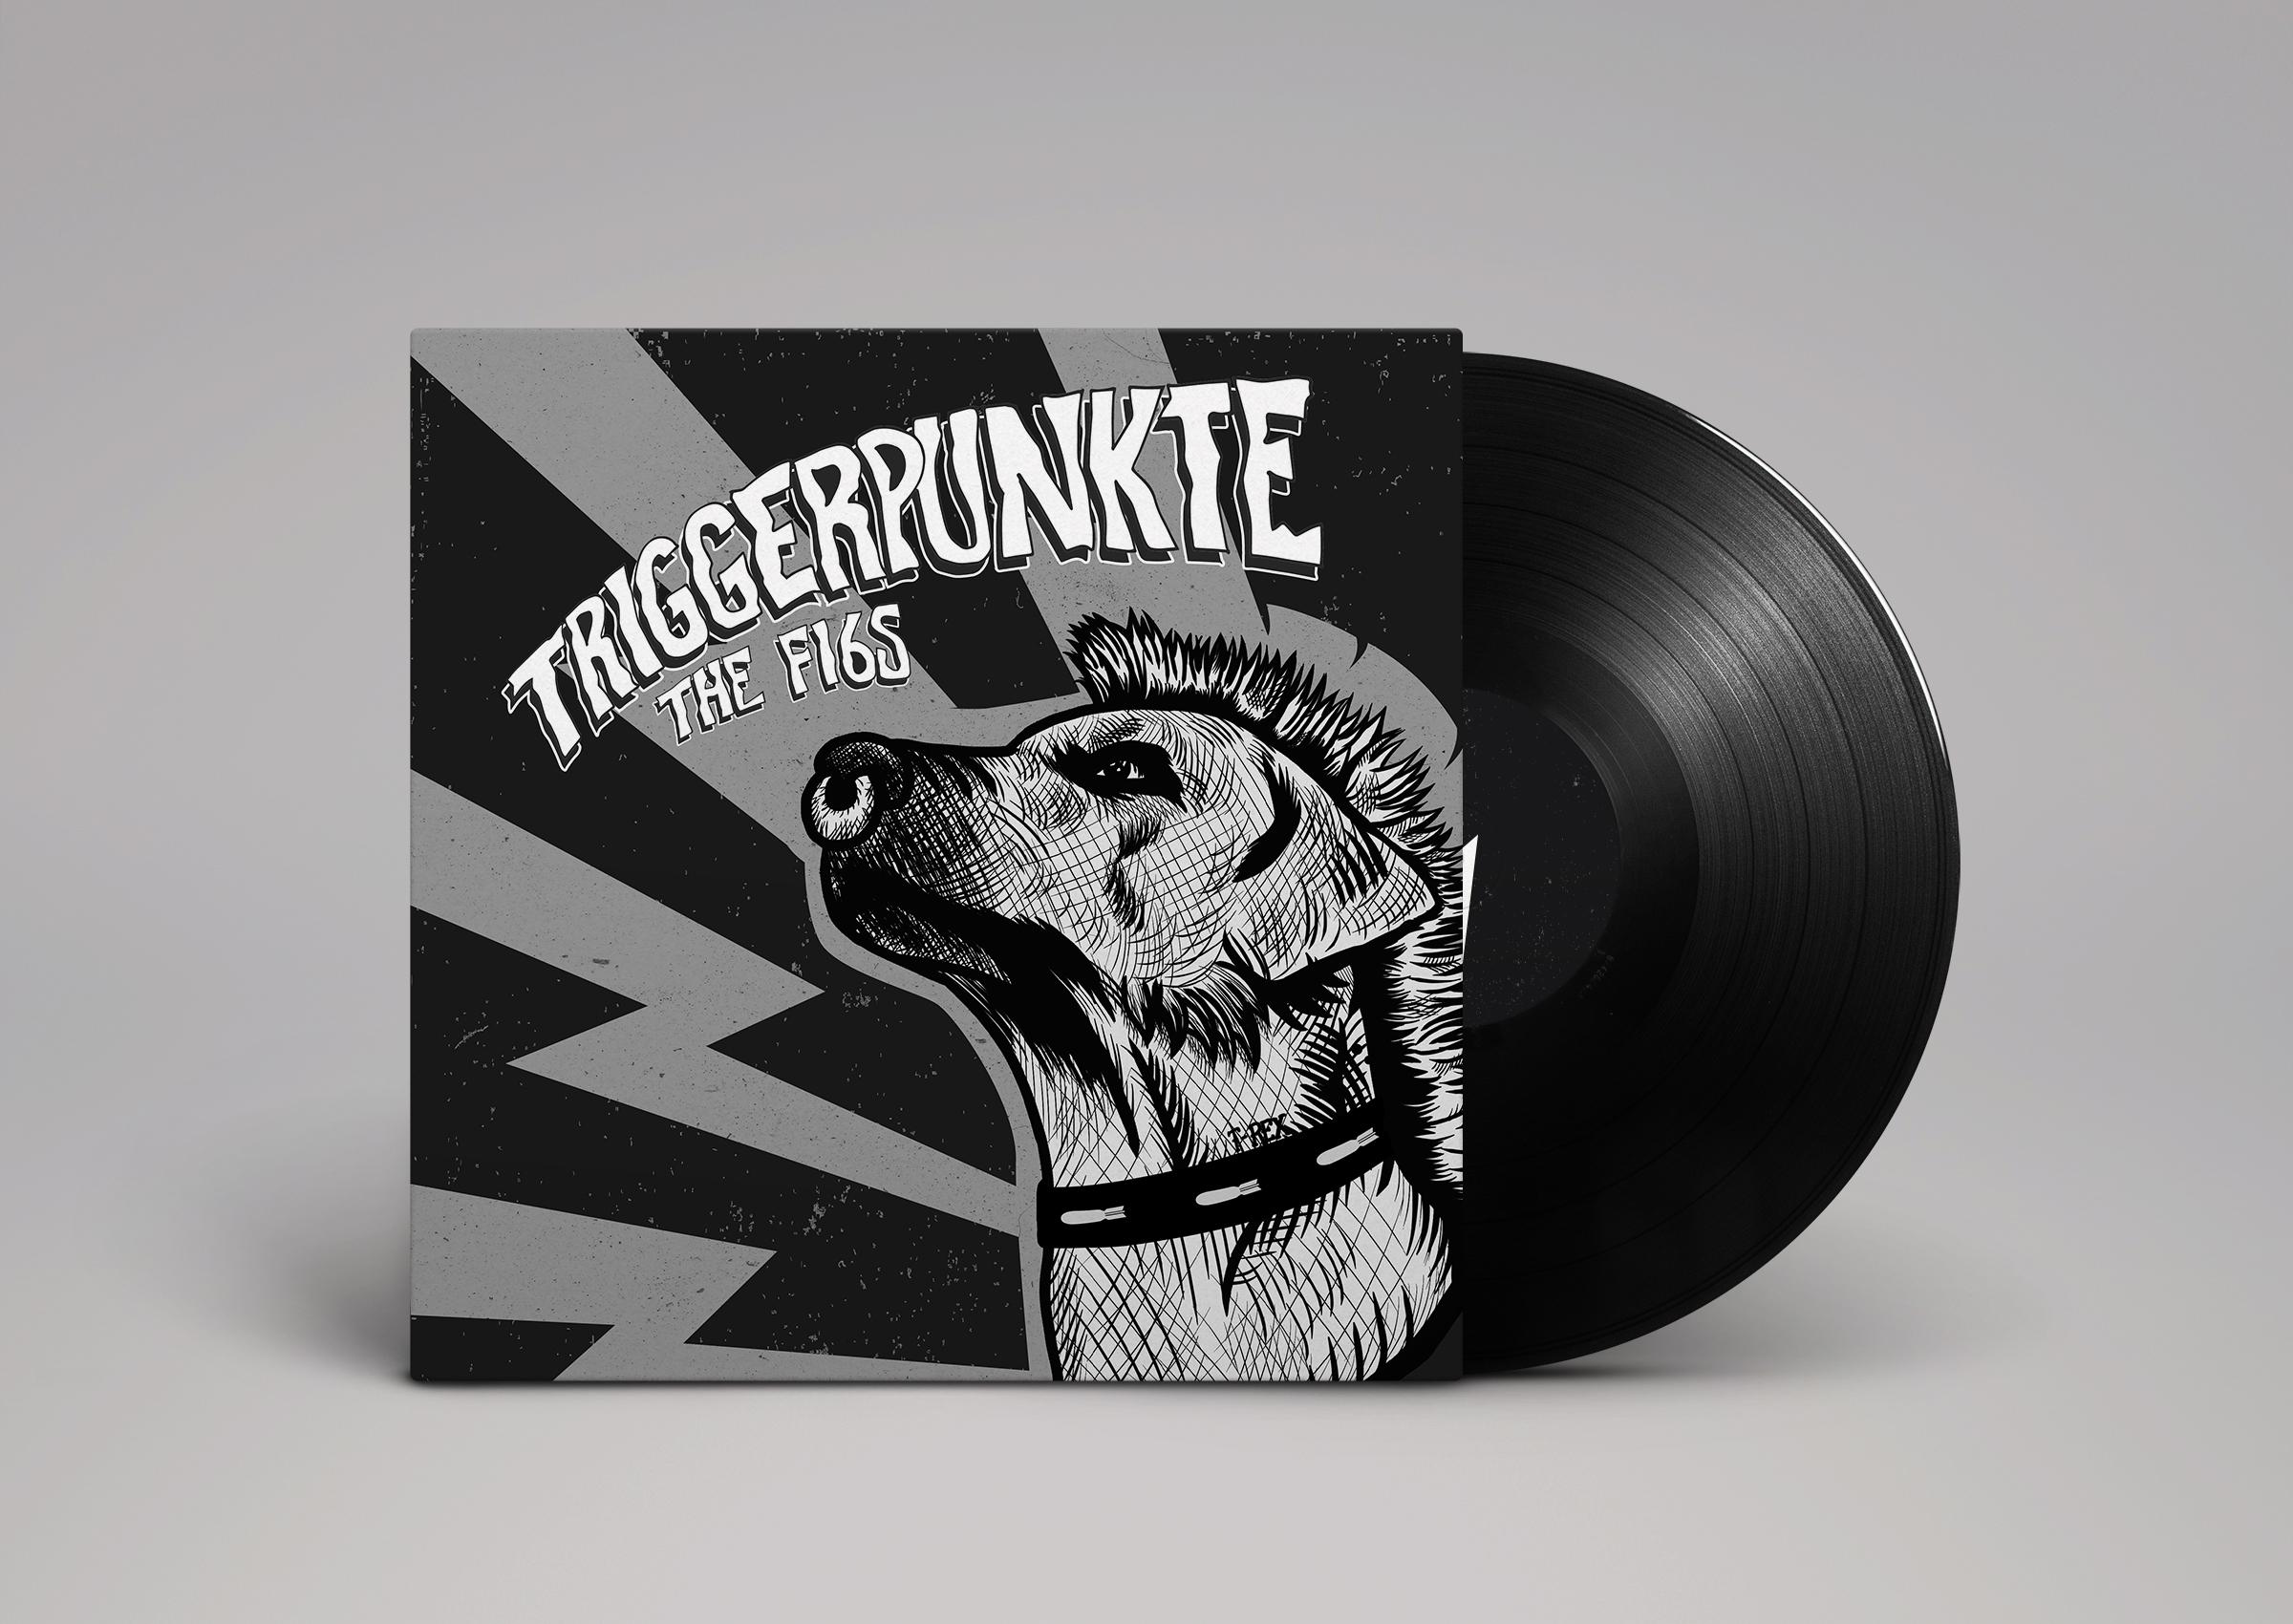 Triggerpunkte Vinyl Mockup